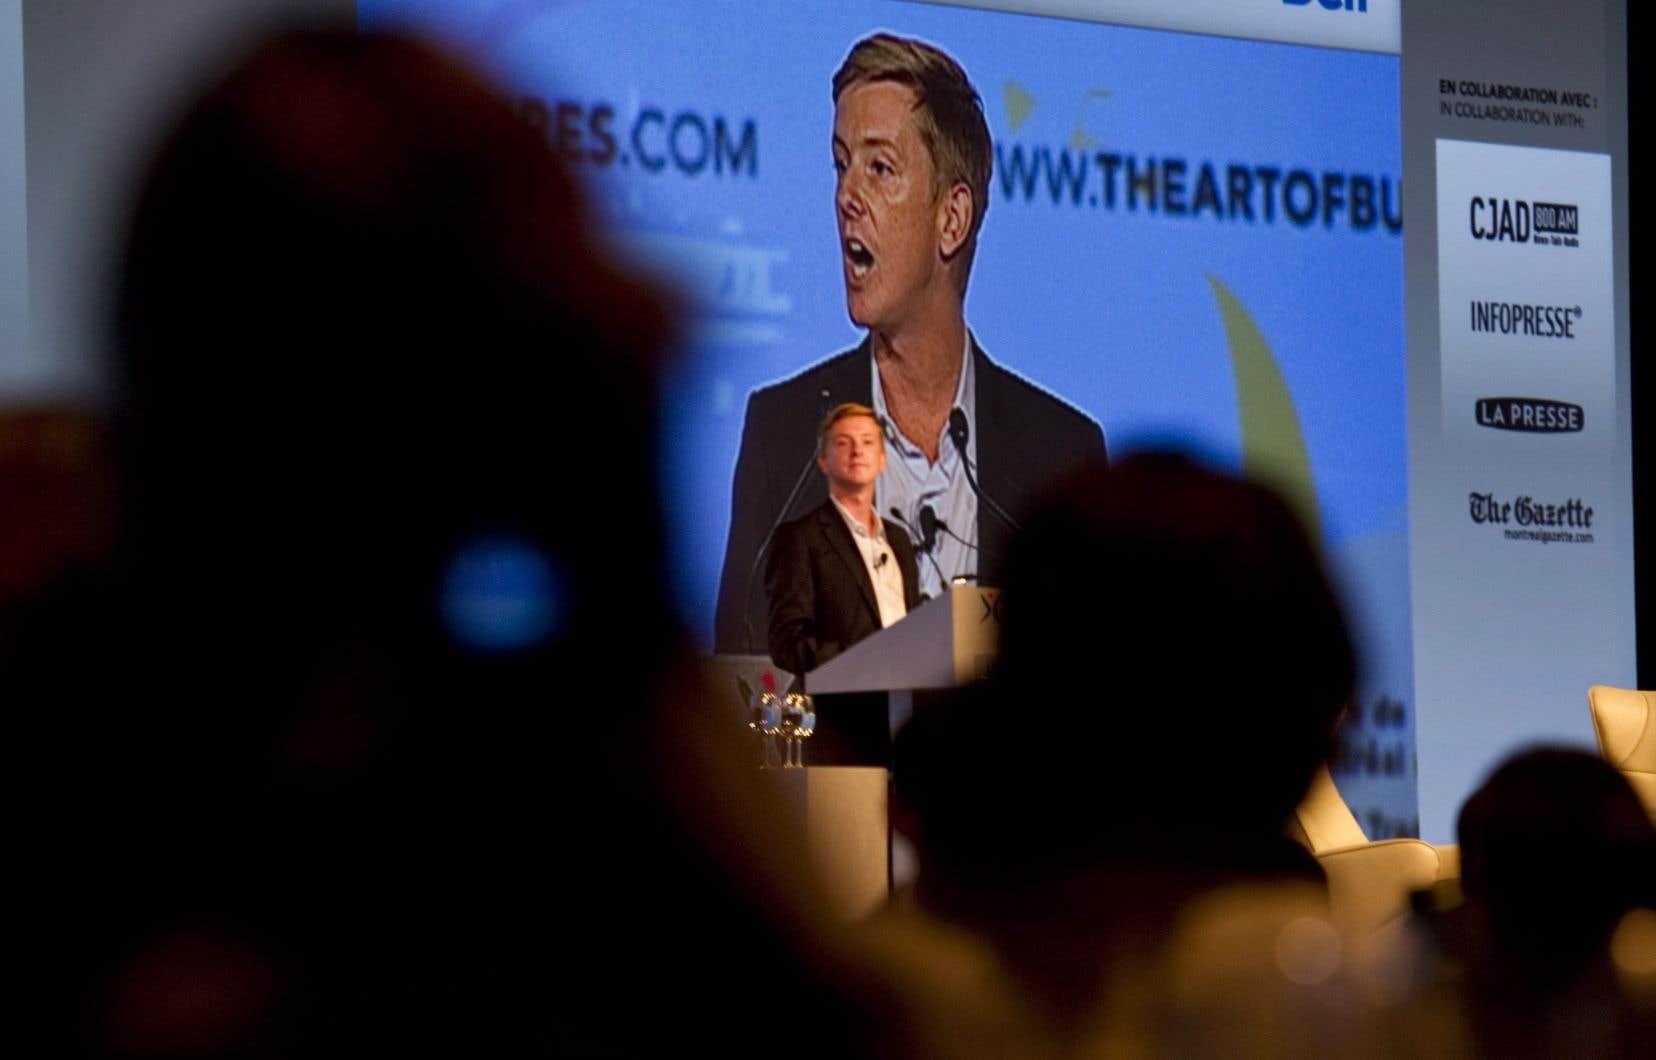 L'un des cofondateurs de Facebook, Chris Hughes, lors d'une conférence tenue à Montréal en septembre 2011 à Montréal